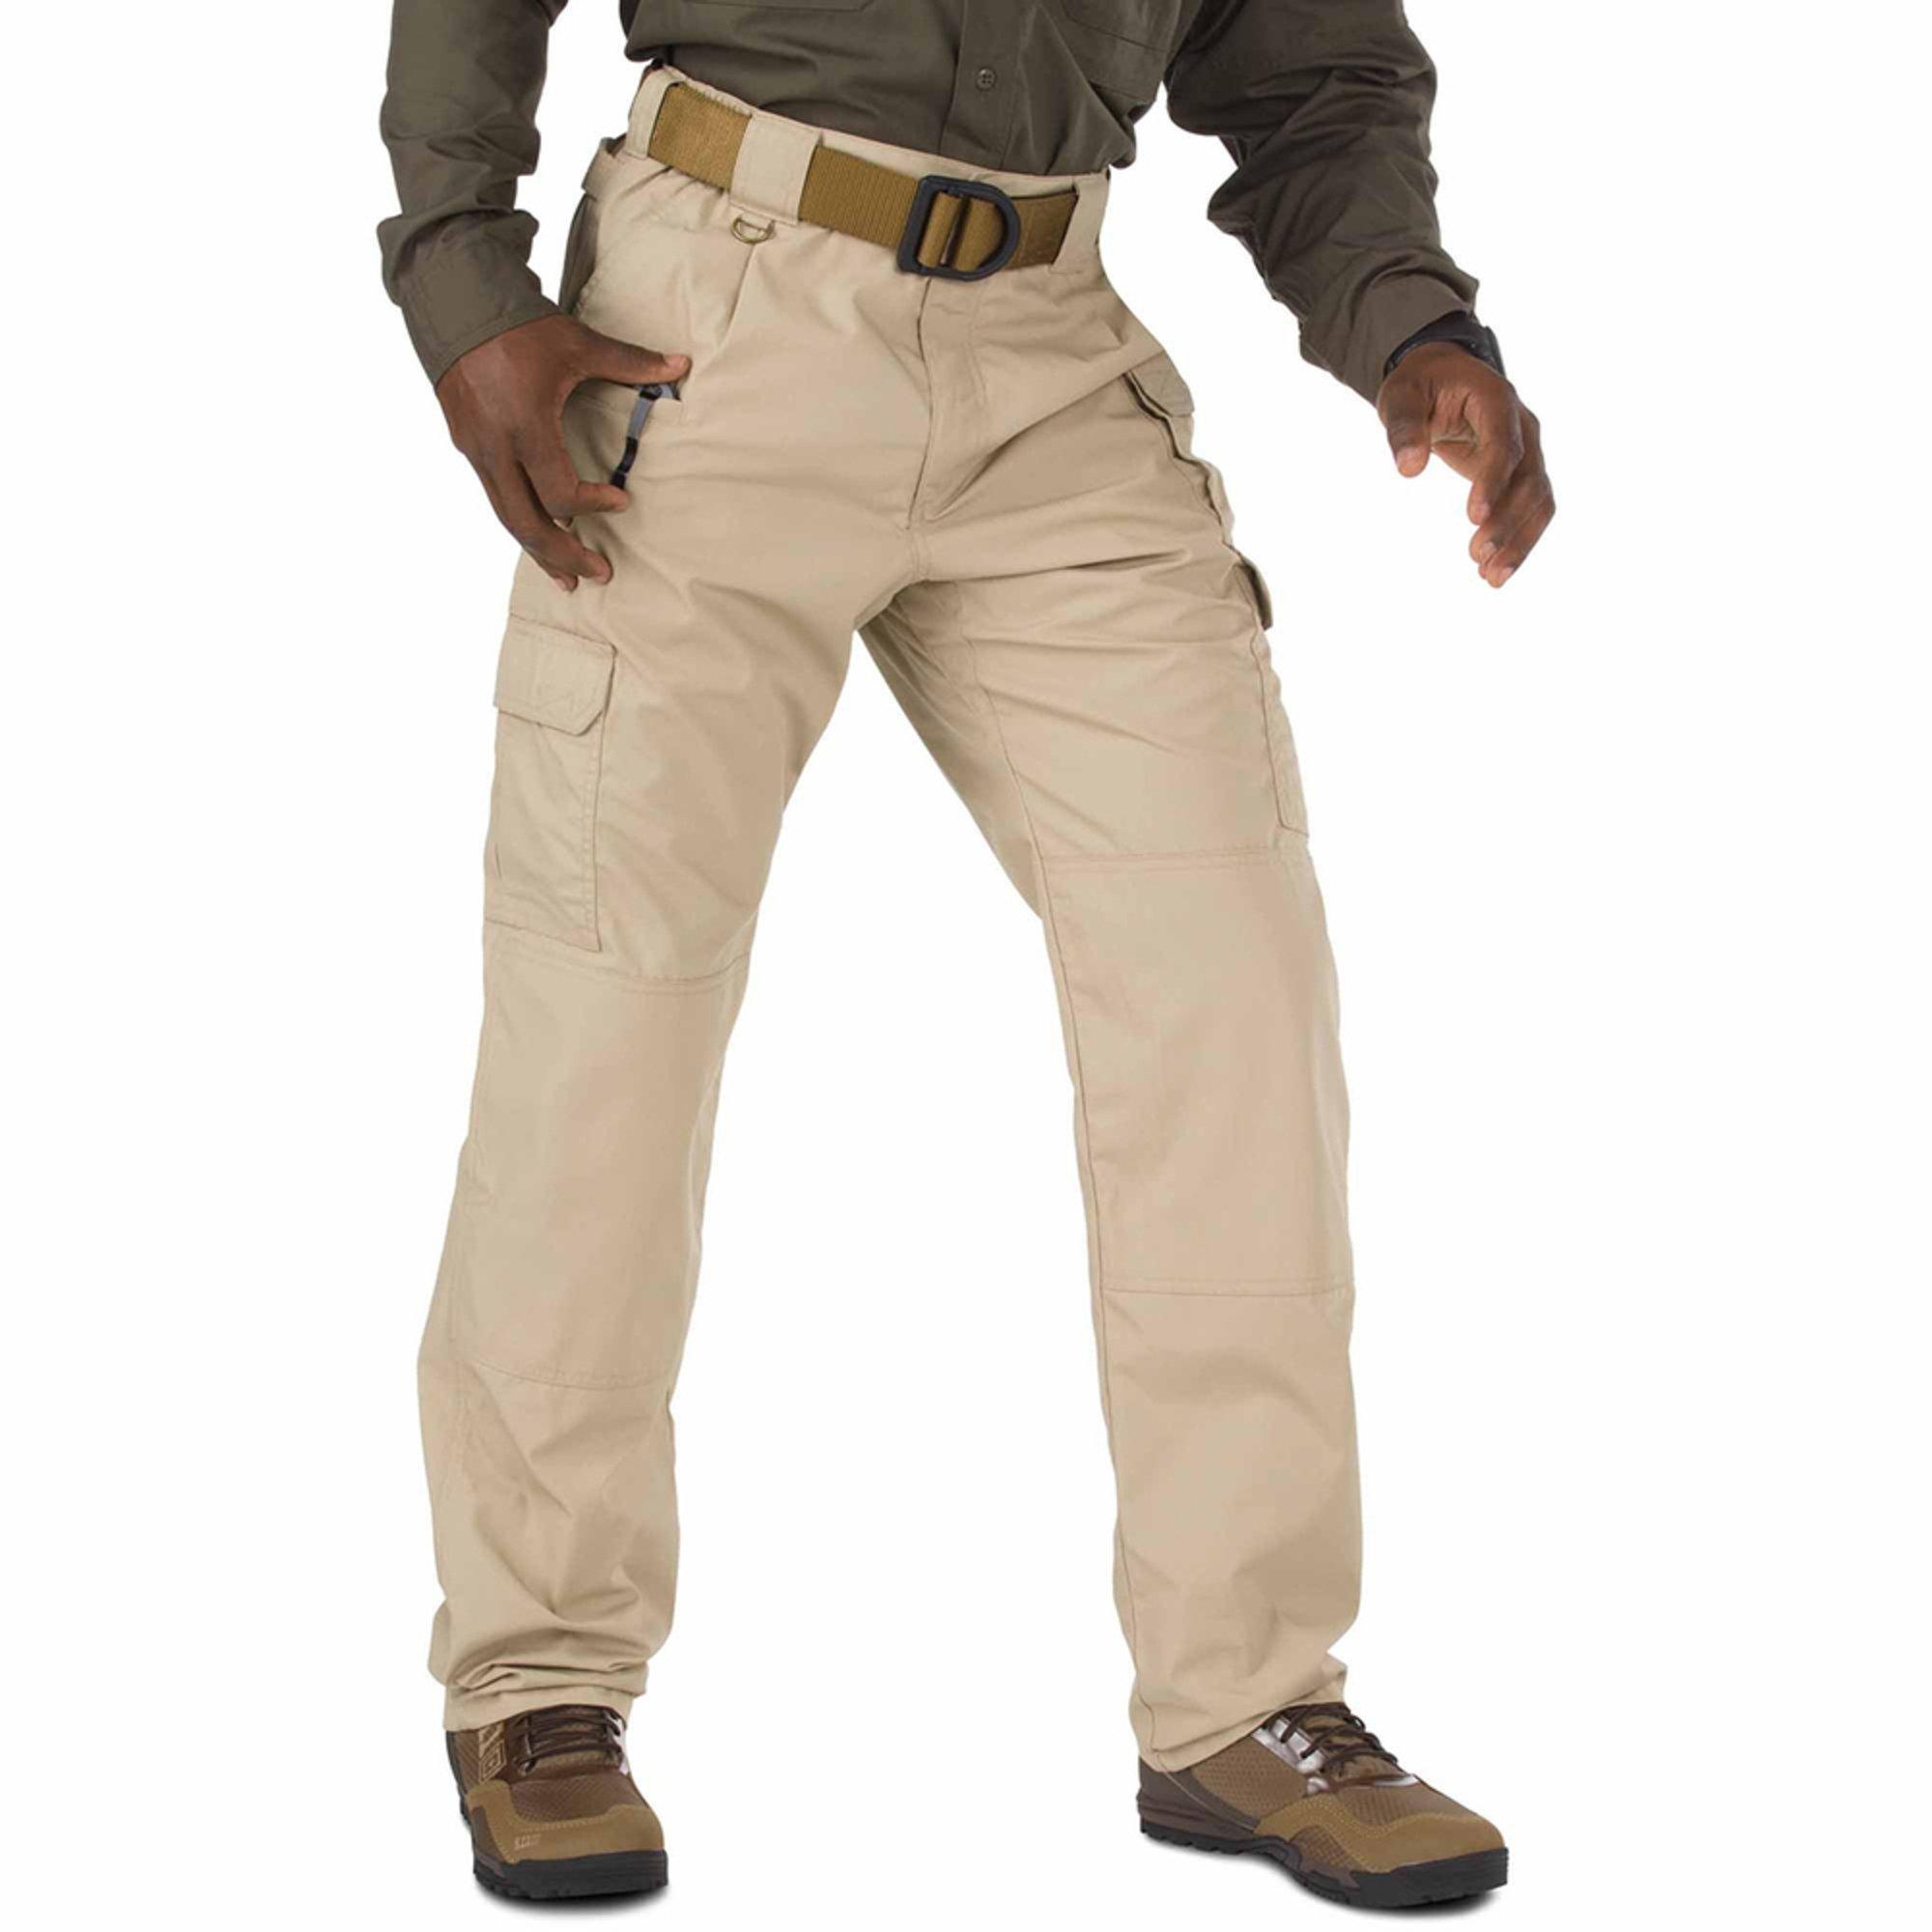 f4184dc04ea76 5.11 Tactical Men's Taclite Pro Pants | Outdoor & Rugged Pants ...